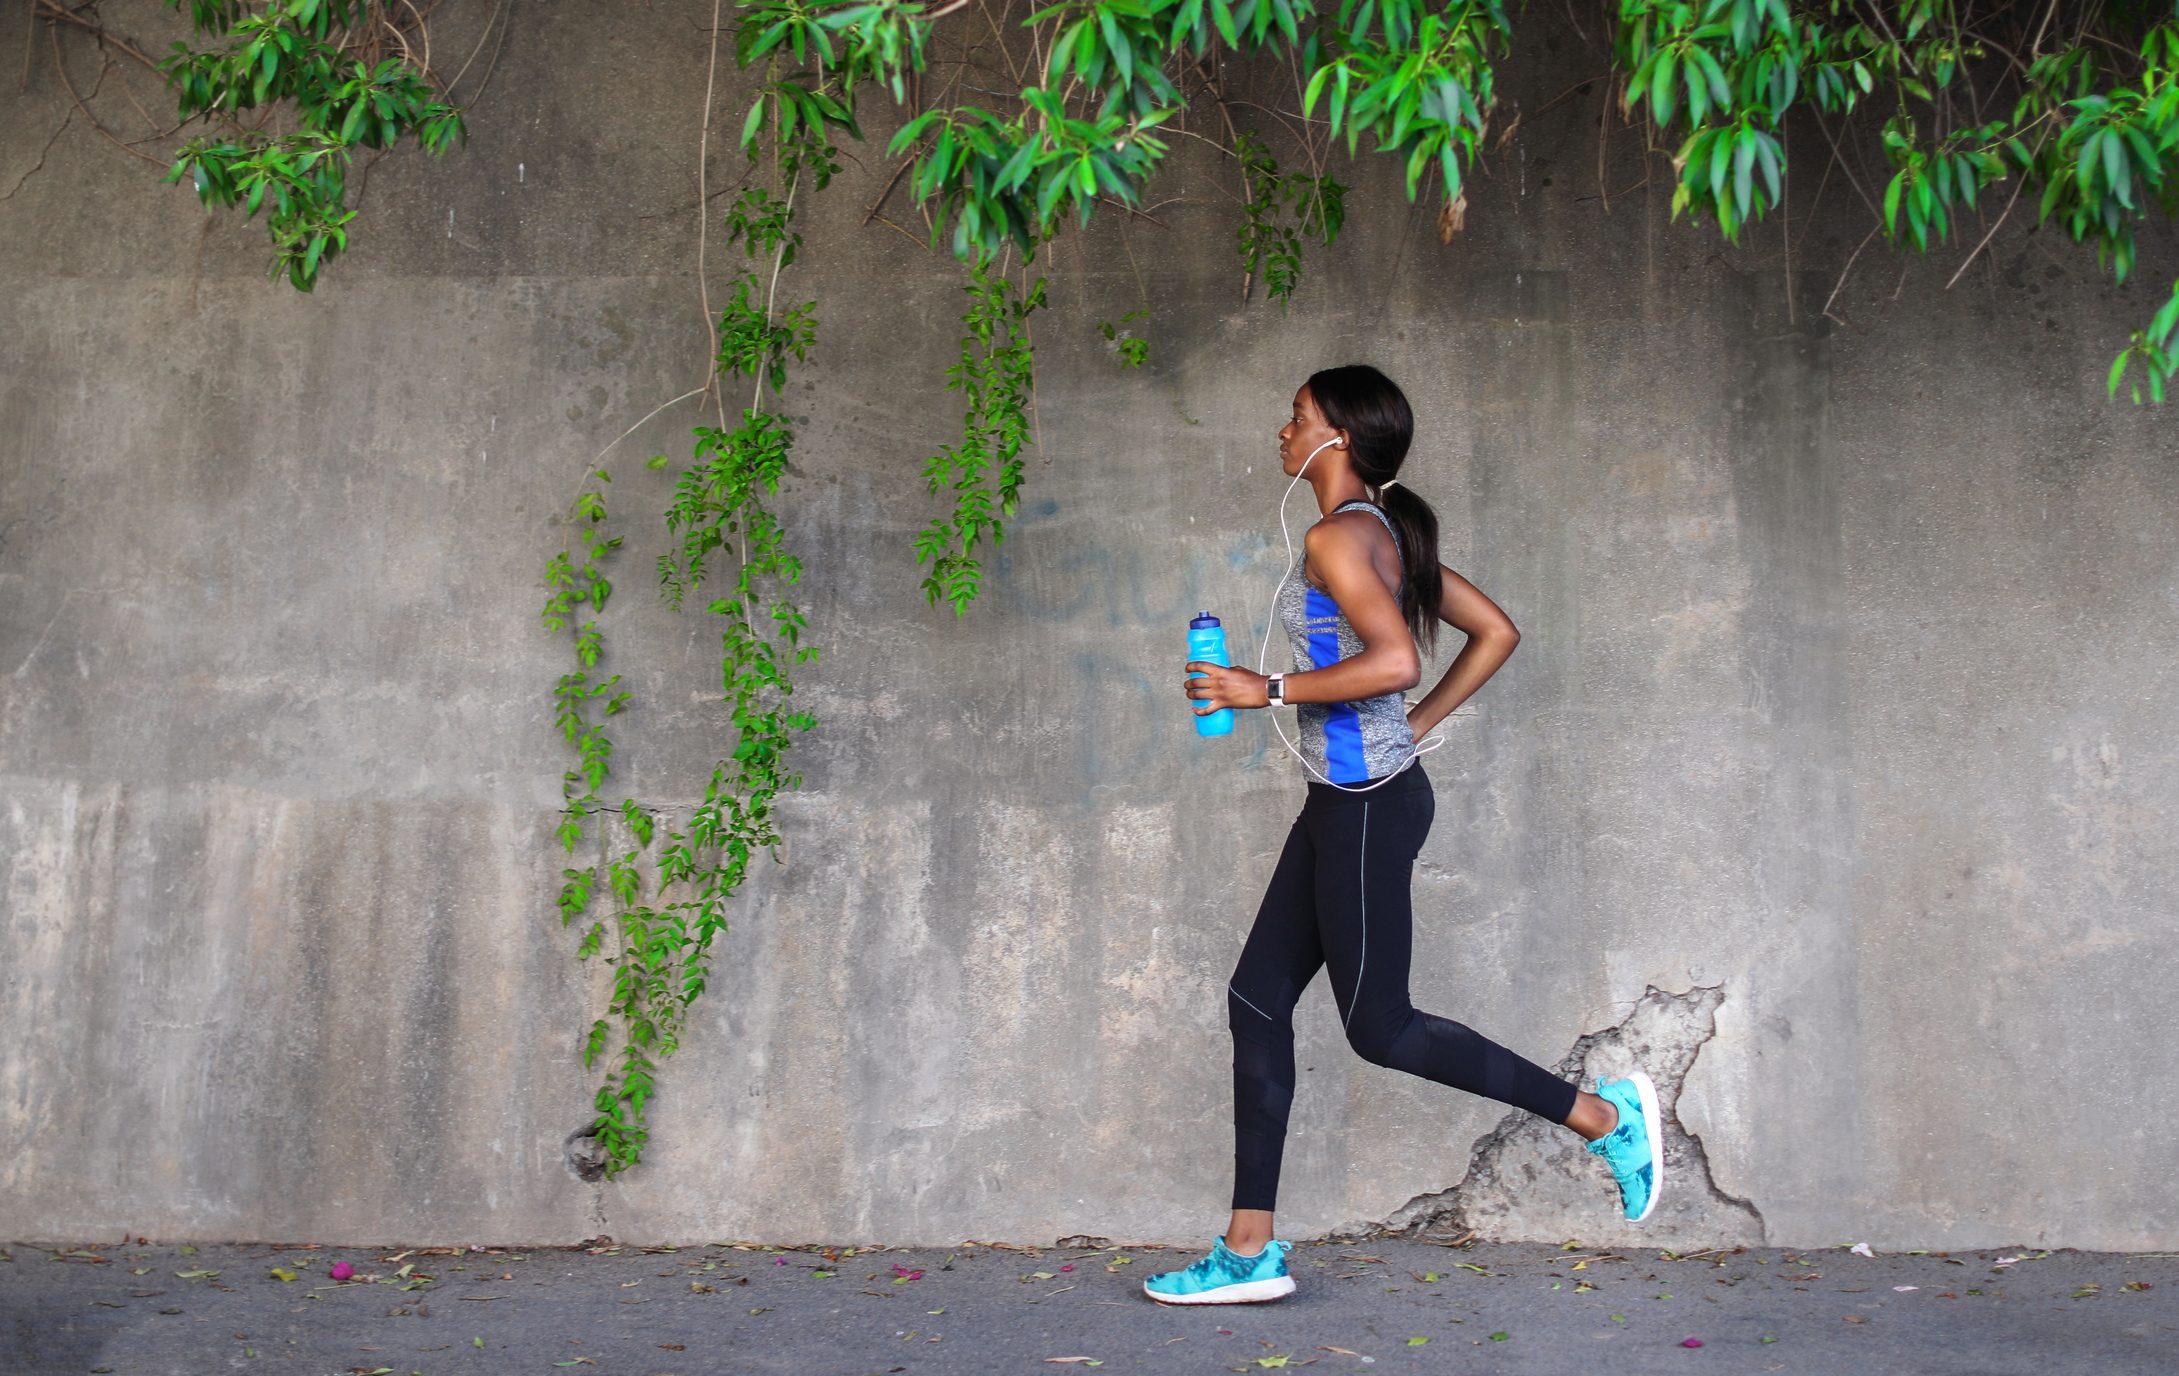 young female runner running outside